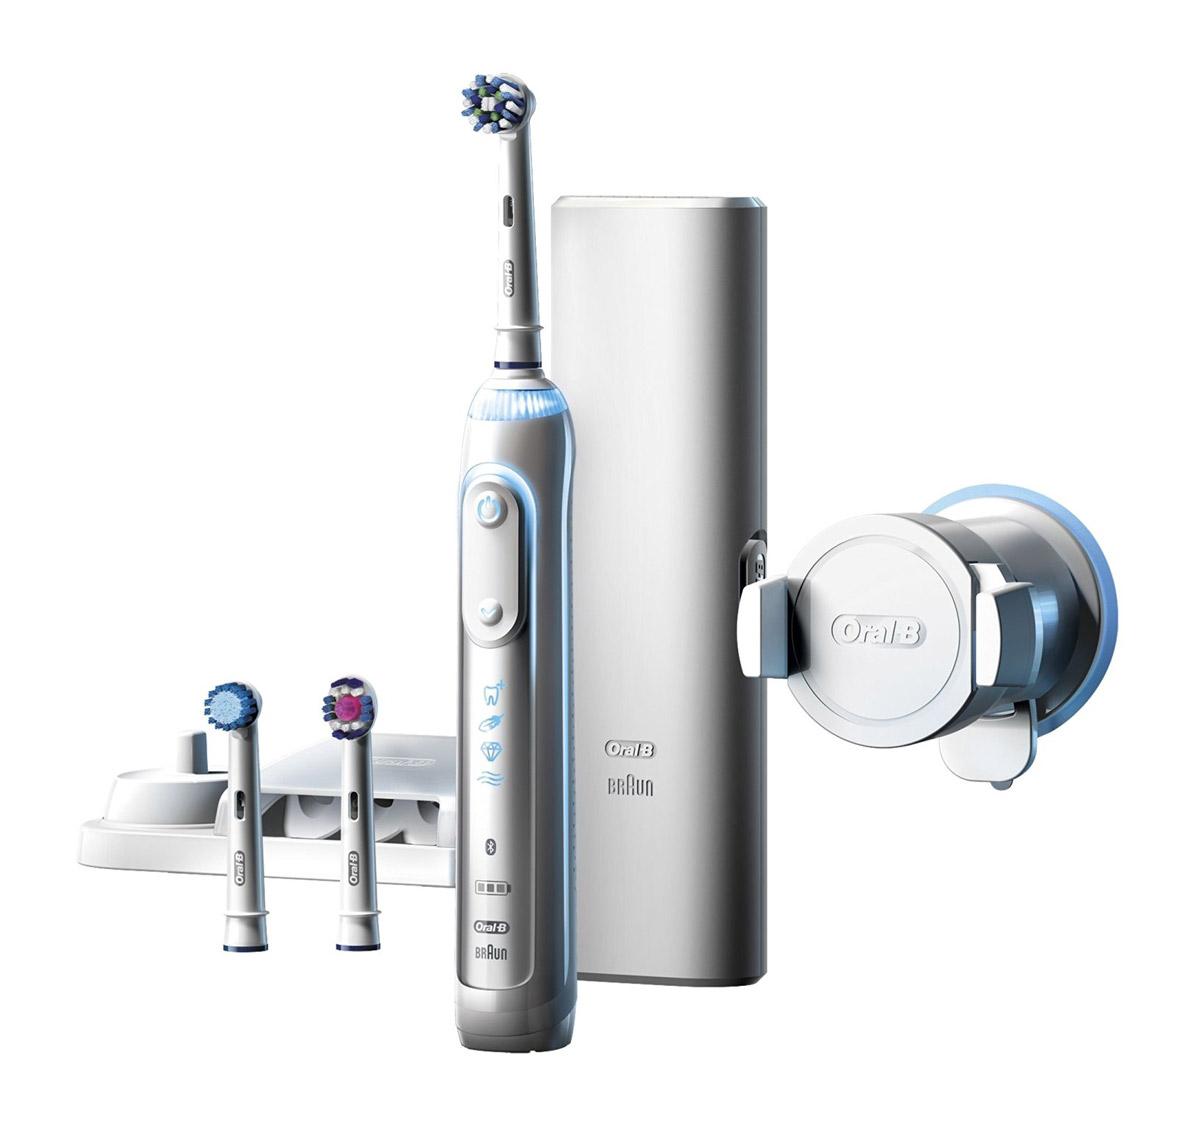 Bild zu Elektrische Zahnbürste Oral-B Genius 8000 für 79,95€ (Vergleich: 94,90€)